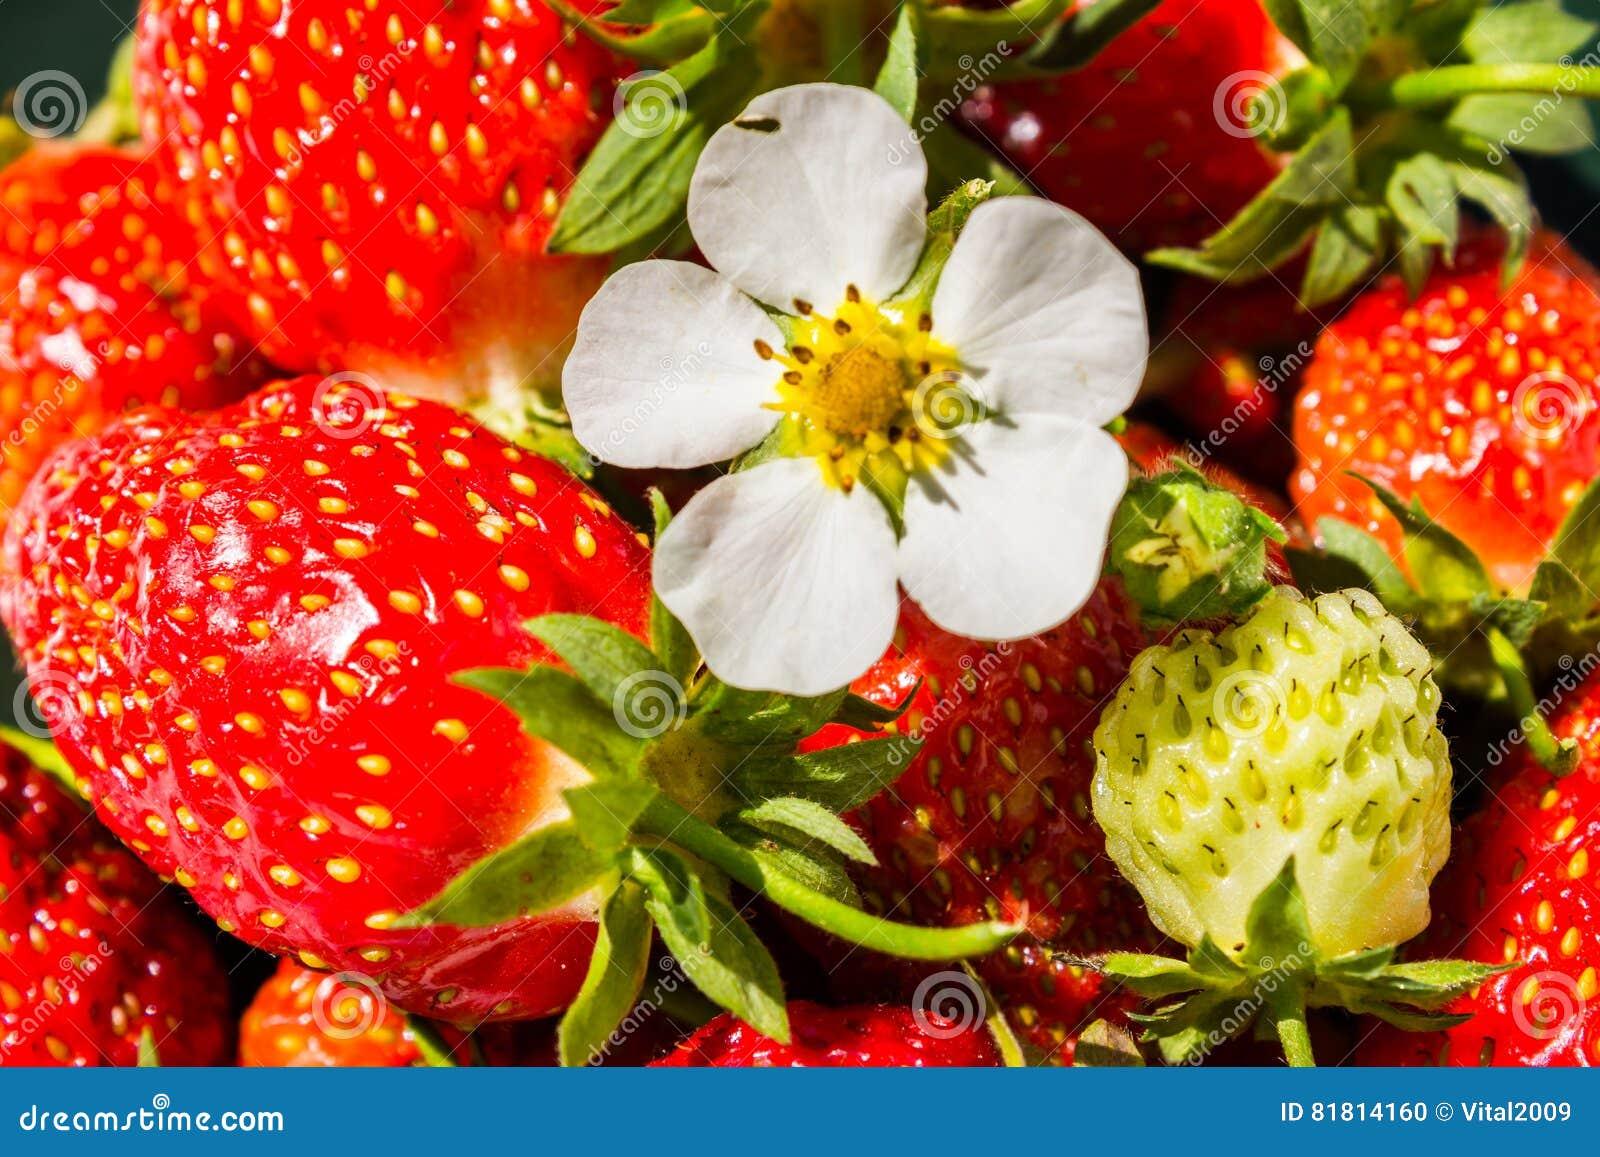 Цветок клубники на предпосылке красных свежих клубник